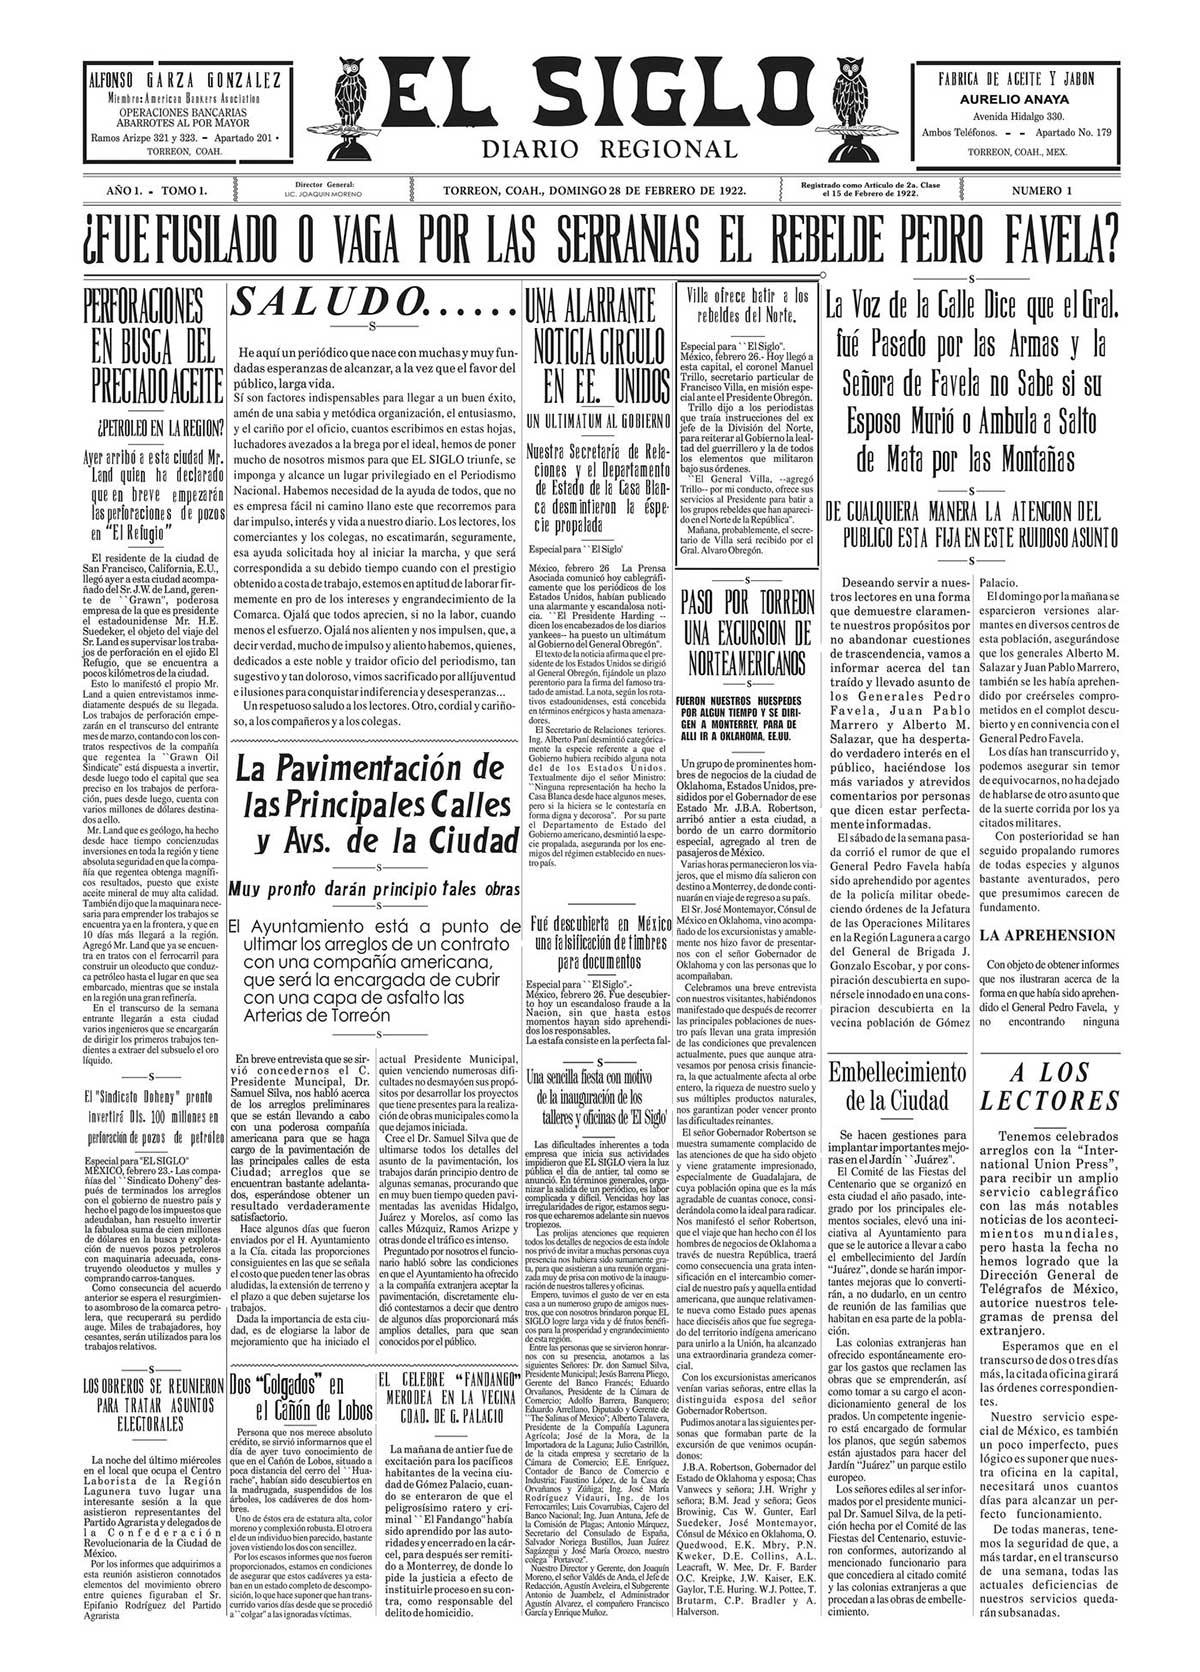 Primer ejemplar de El Siglo de Torreón